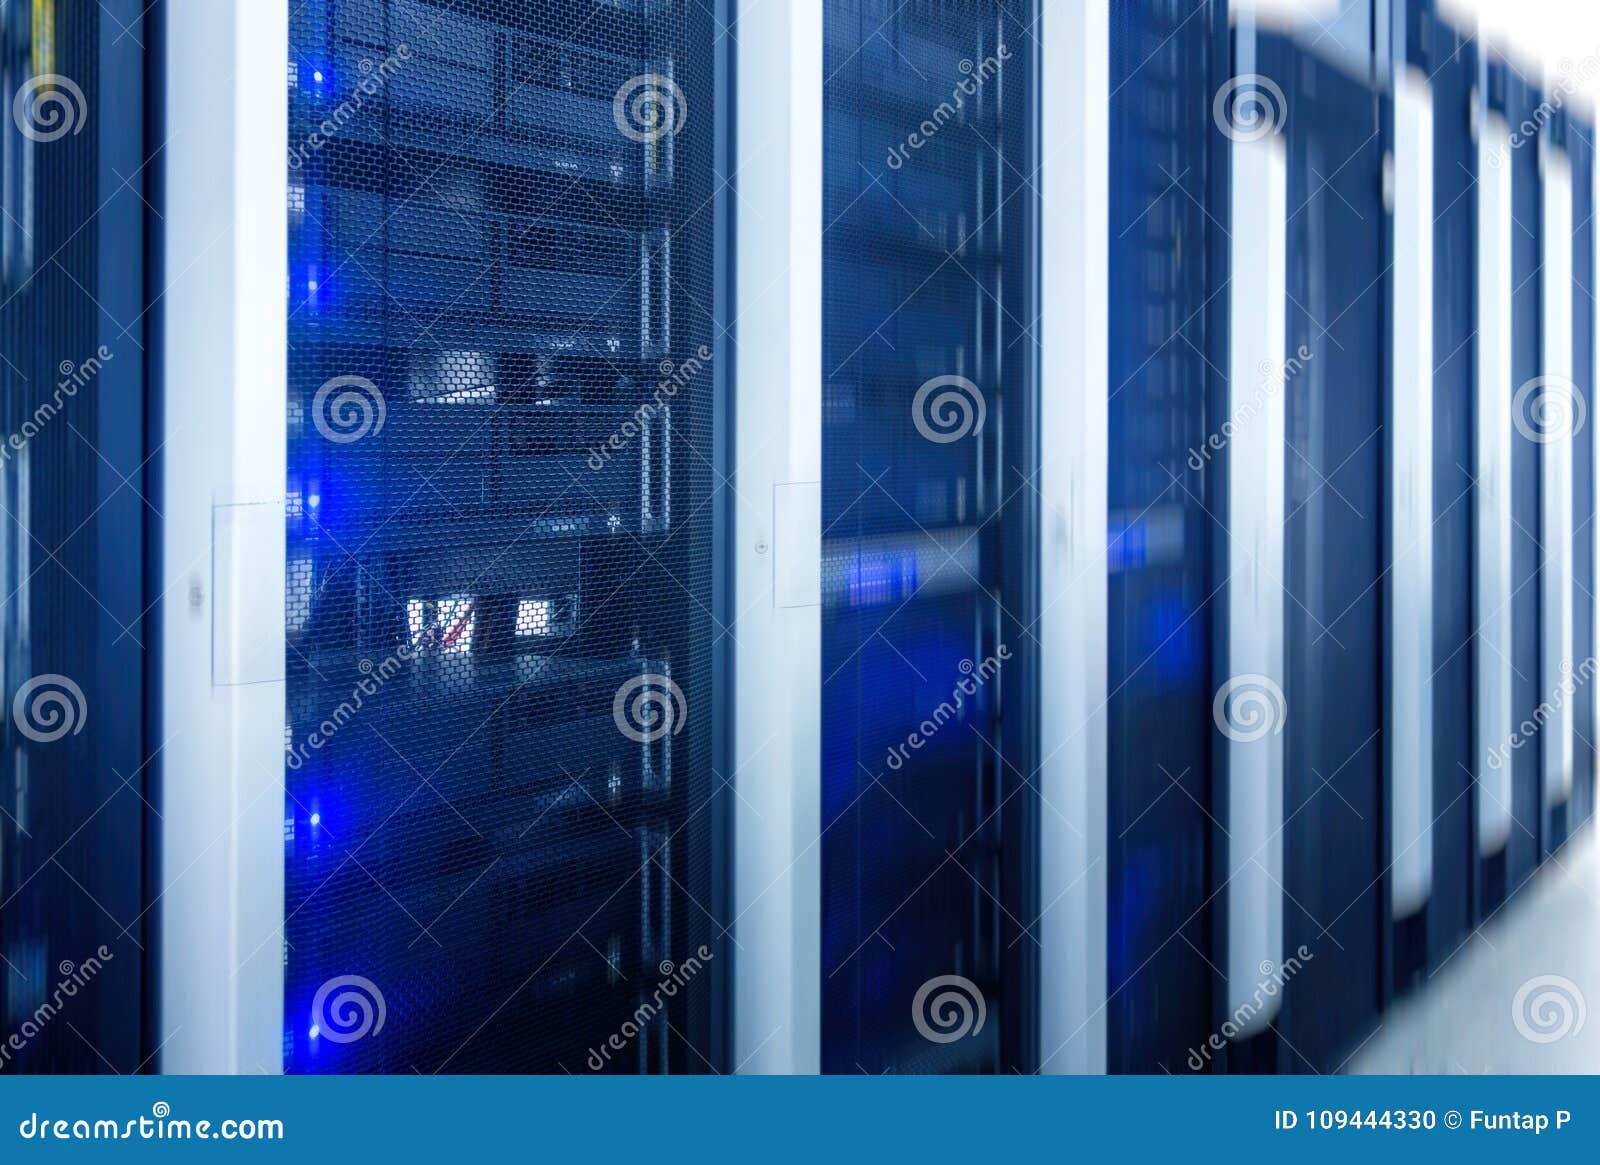 Serverruimte Web Internet en de technologie van de netwerktelecommunicatie, grote gegevensopslag en wolk de dienstzaken van de ge